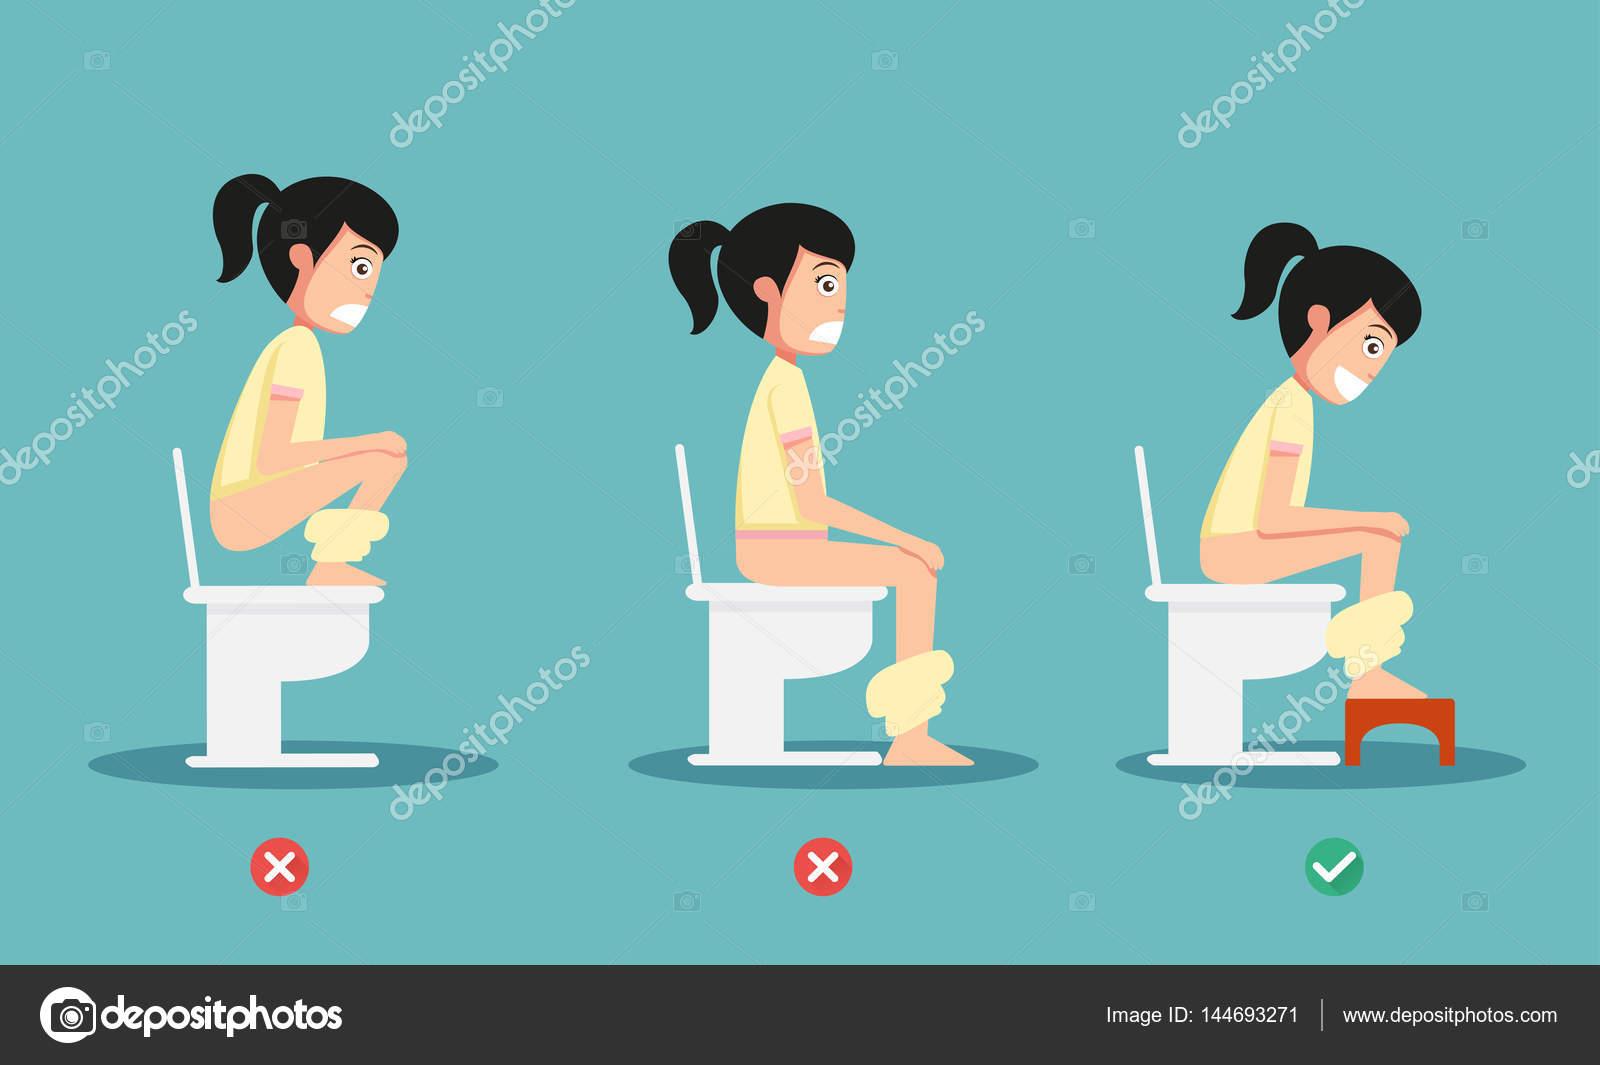 Ungesunde Vs Gesunde Positionen Für Stuhlgang Abbildung